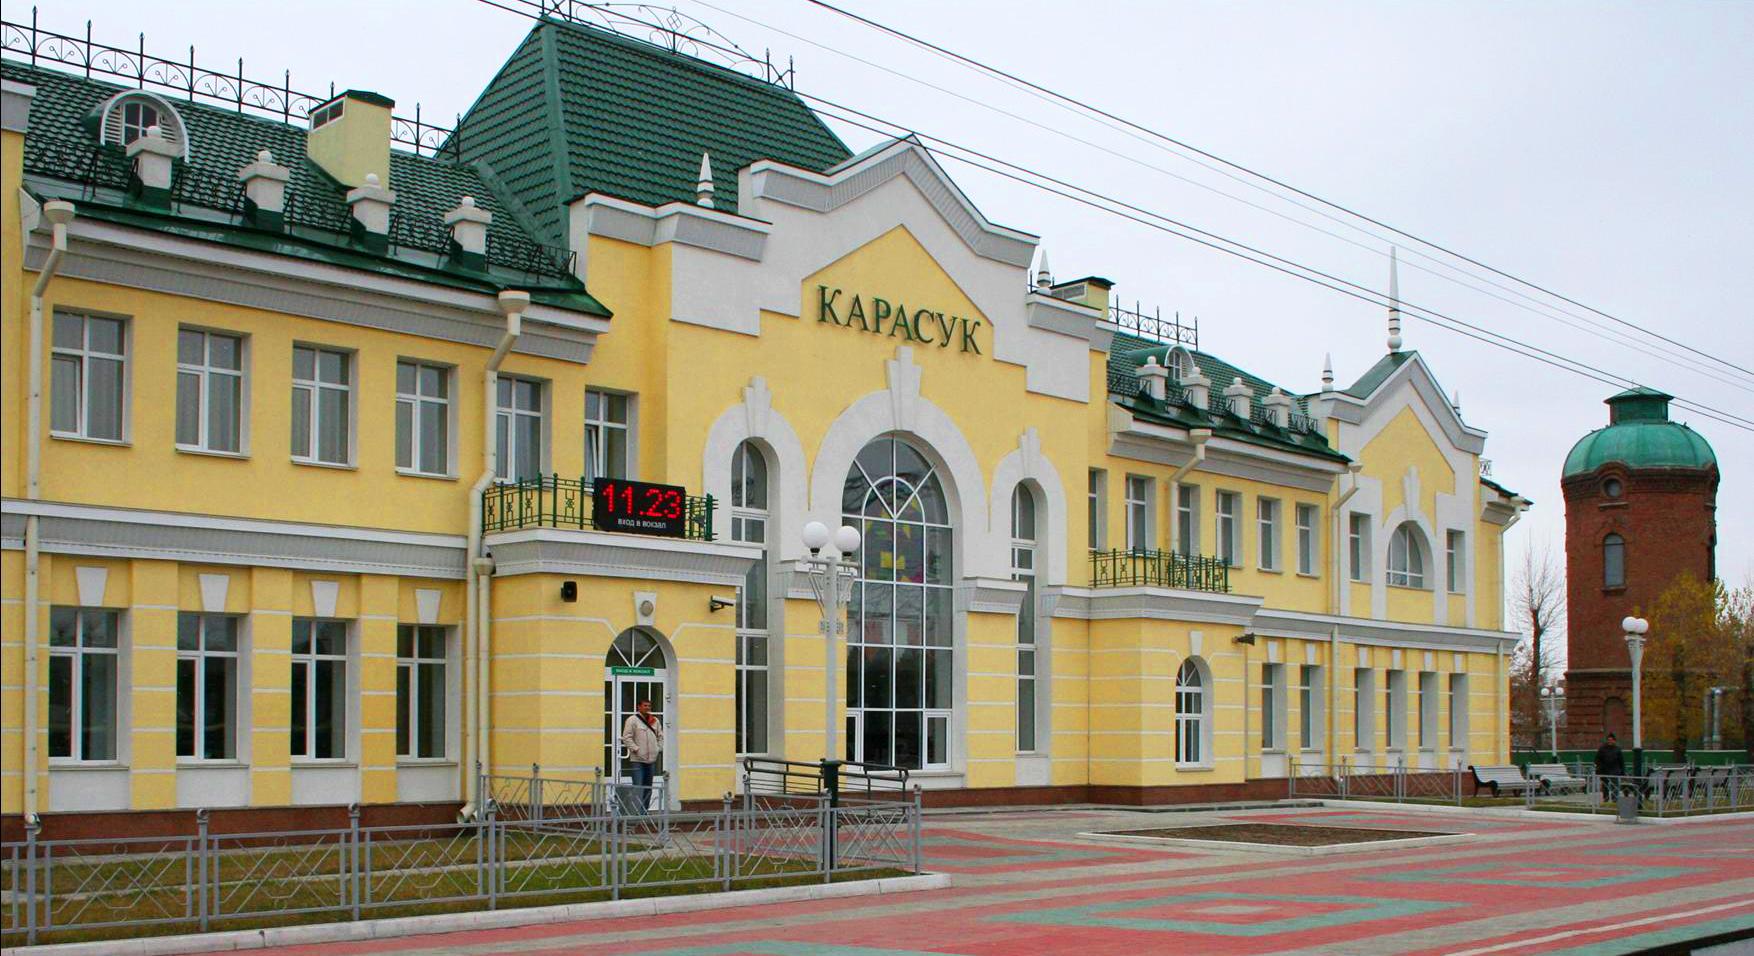 день рождения город карасук новосибирская область фото вот наступает сезон